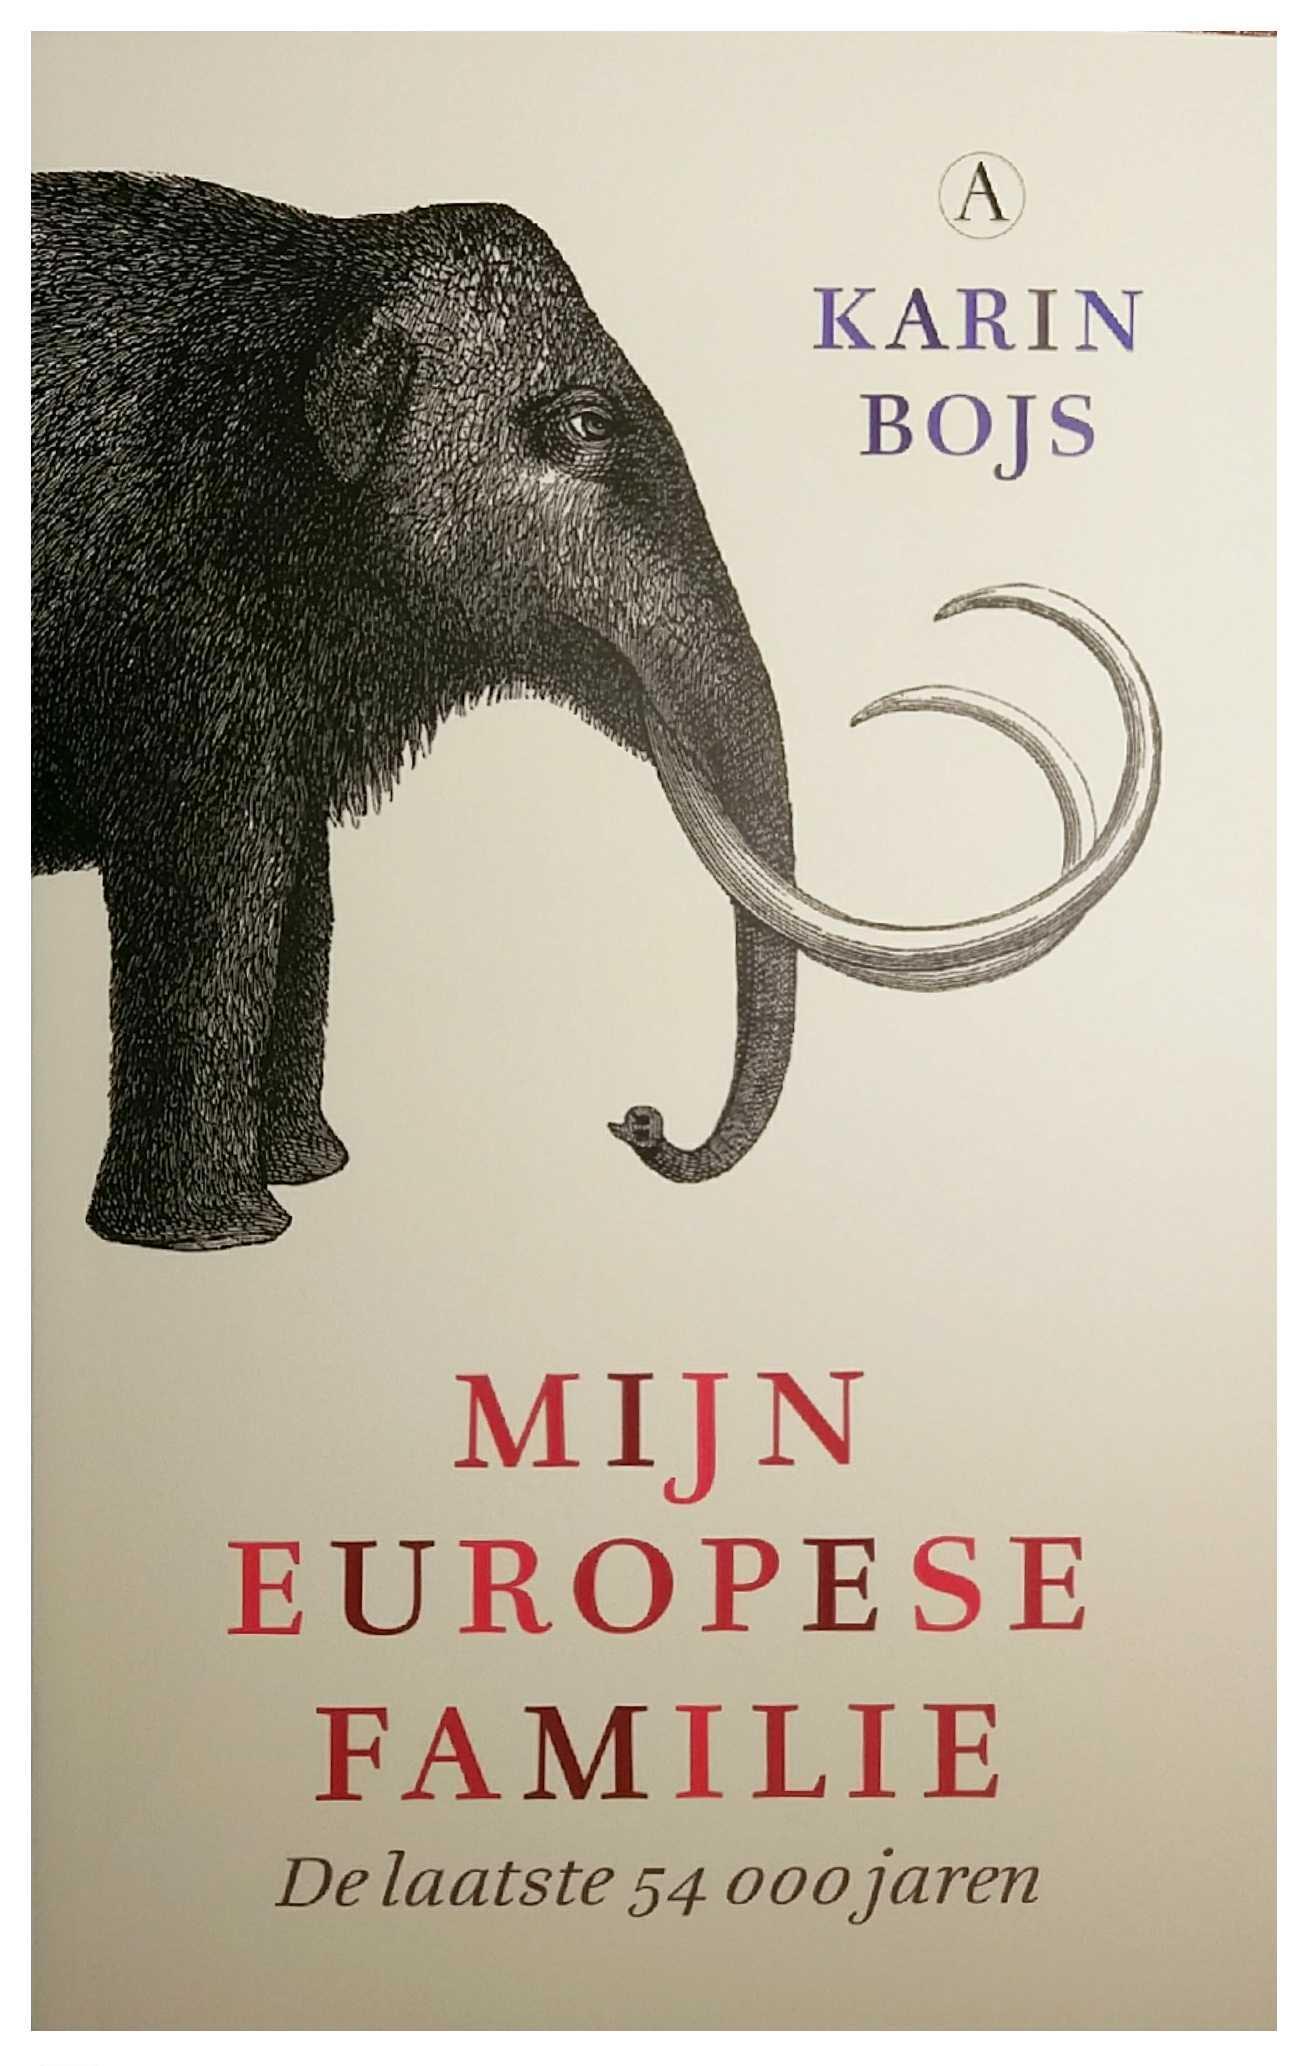 Mijn Europese Familie / Karin Bojs